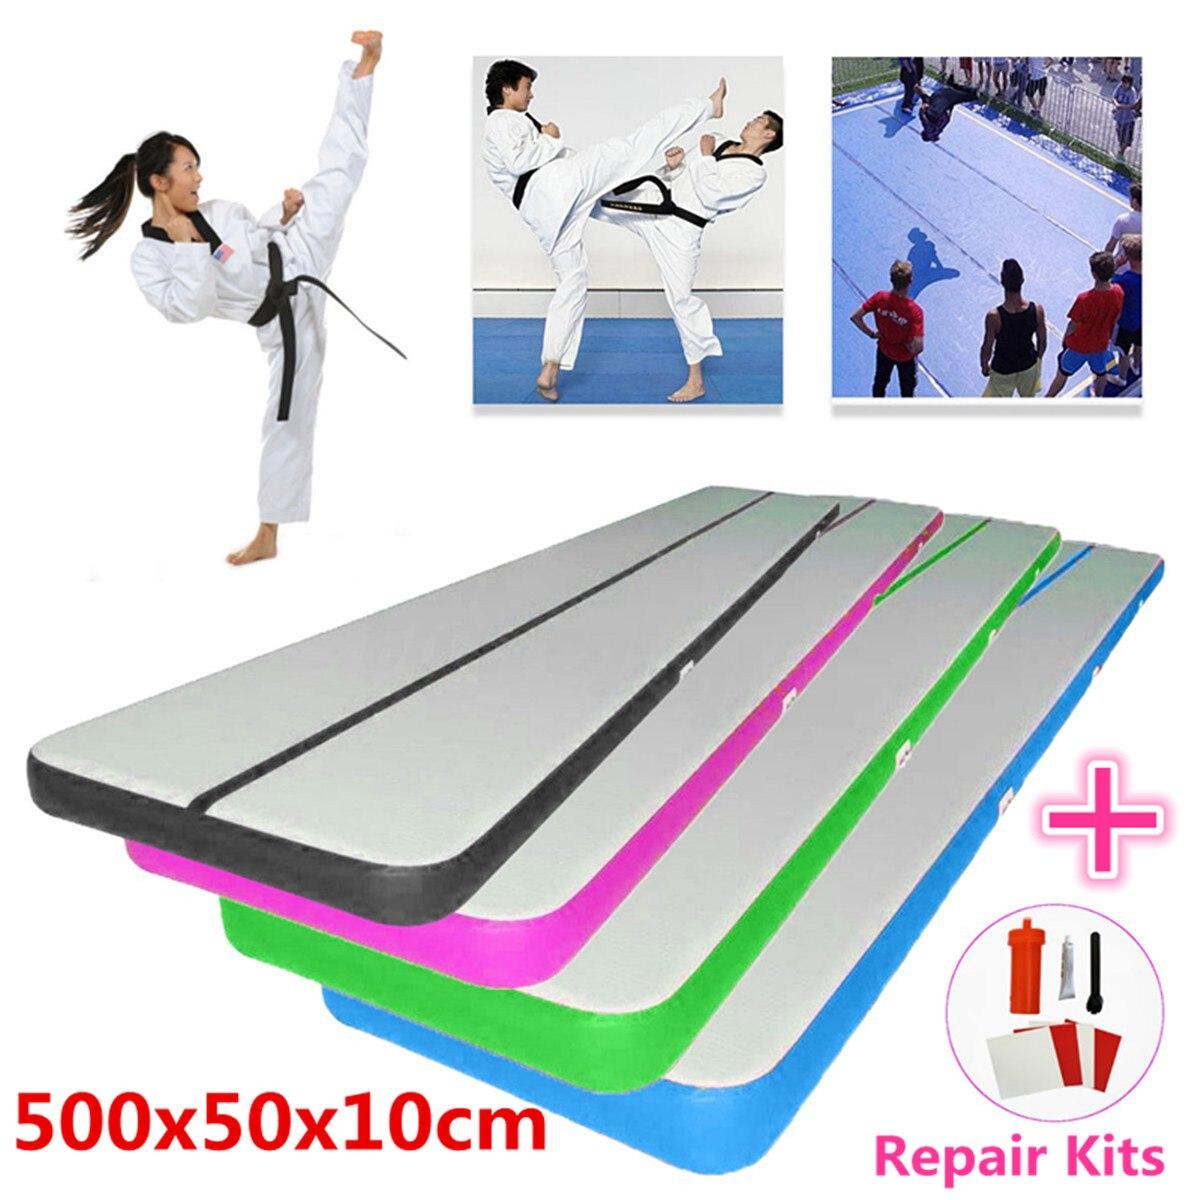 500x50x10 cm Airtrack Air Piste Plancher Maison Gonflable Gymnastique Tumbling Mat GYM Gonflable Équilibre Équipement D'exercice